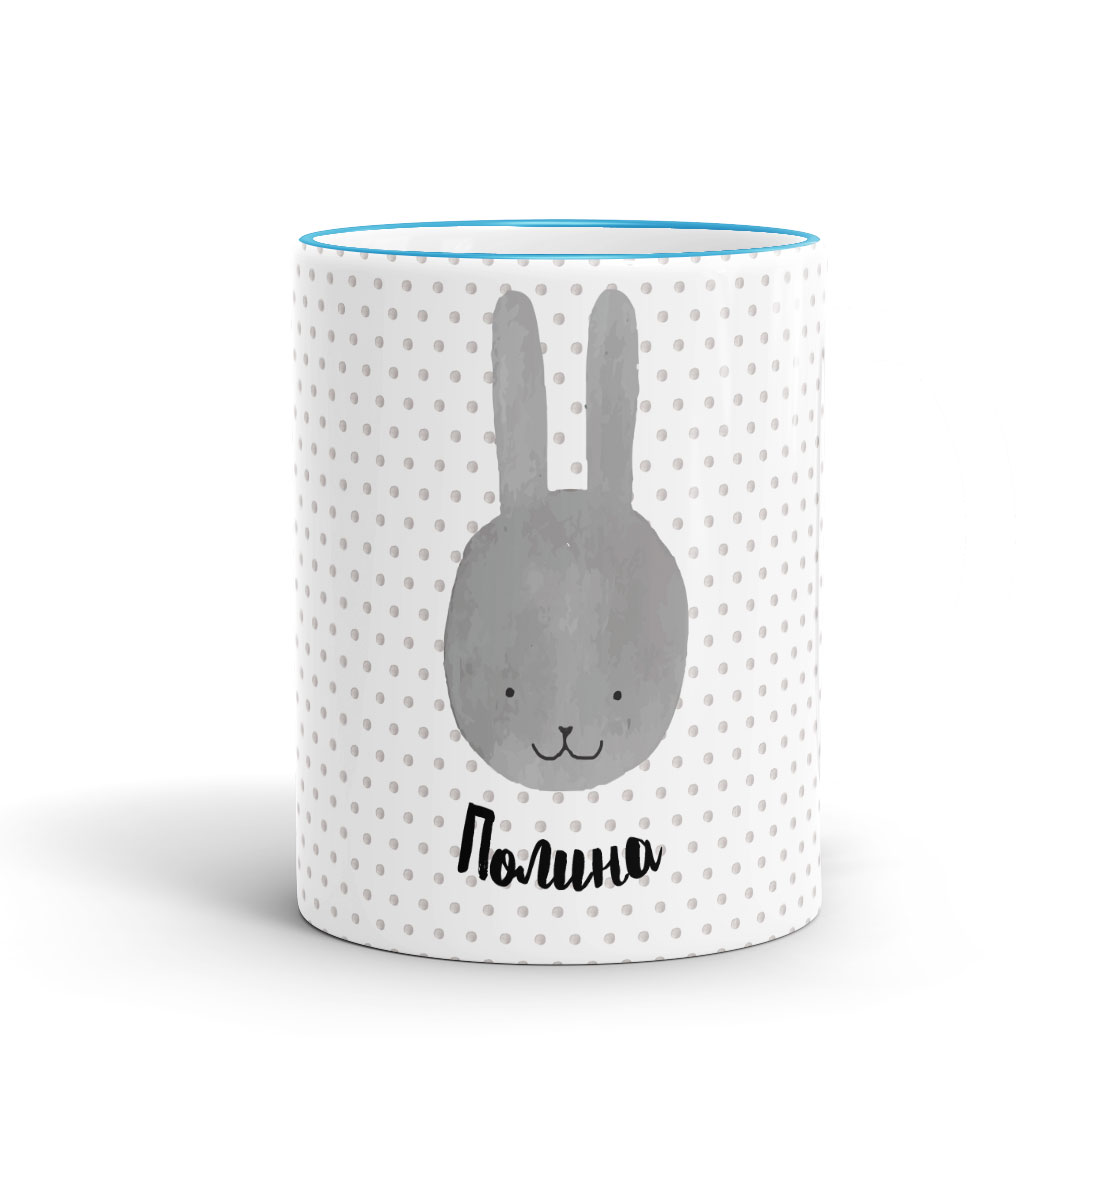 Кролик Полина, Printbar, Кружки, PLN-862505-kru  - купить со скидкой